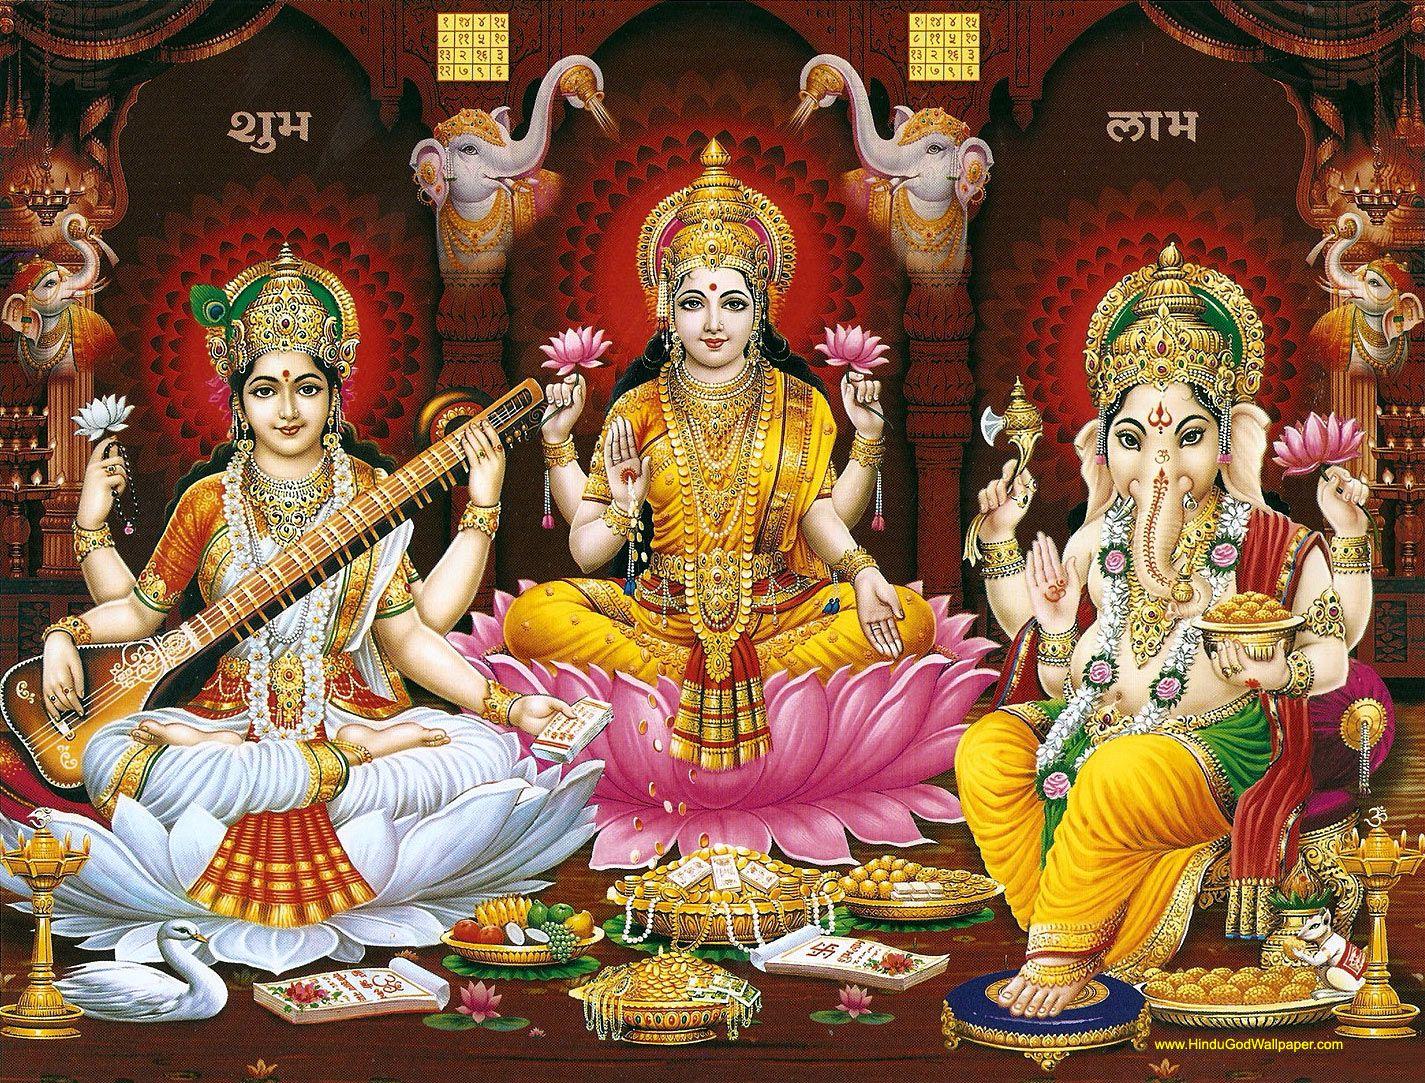 Lakshmi Ganesh Saraswati Wallpaper Free Download Diwali Pictures Ganesh Lakshmi Images